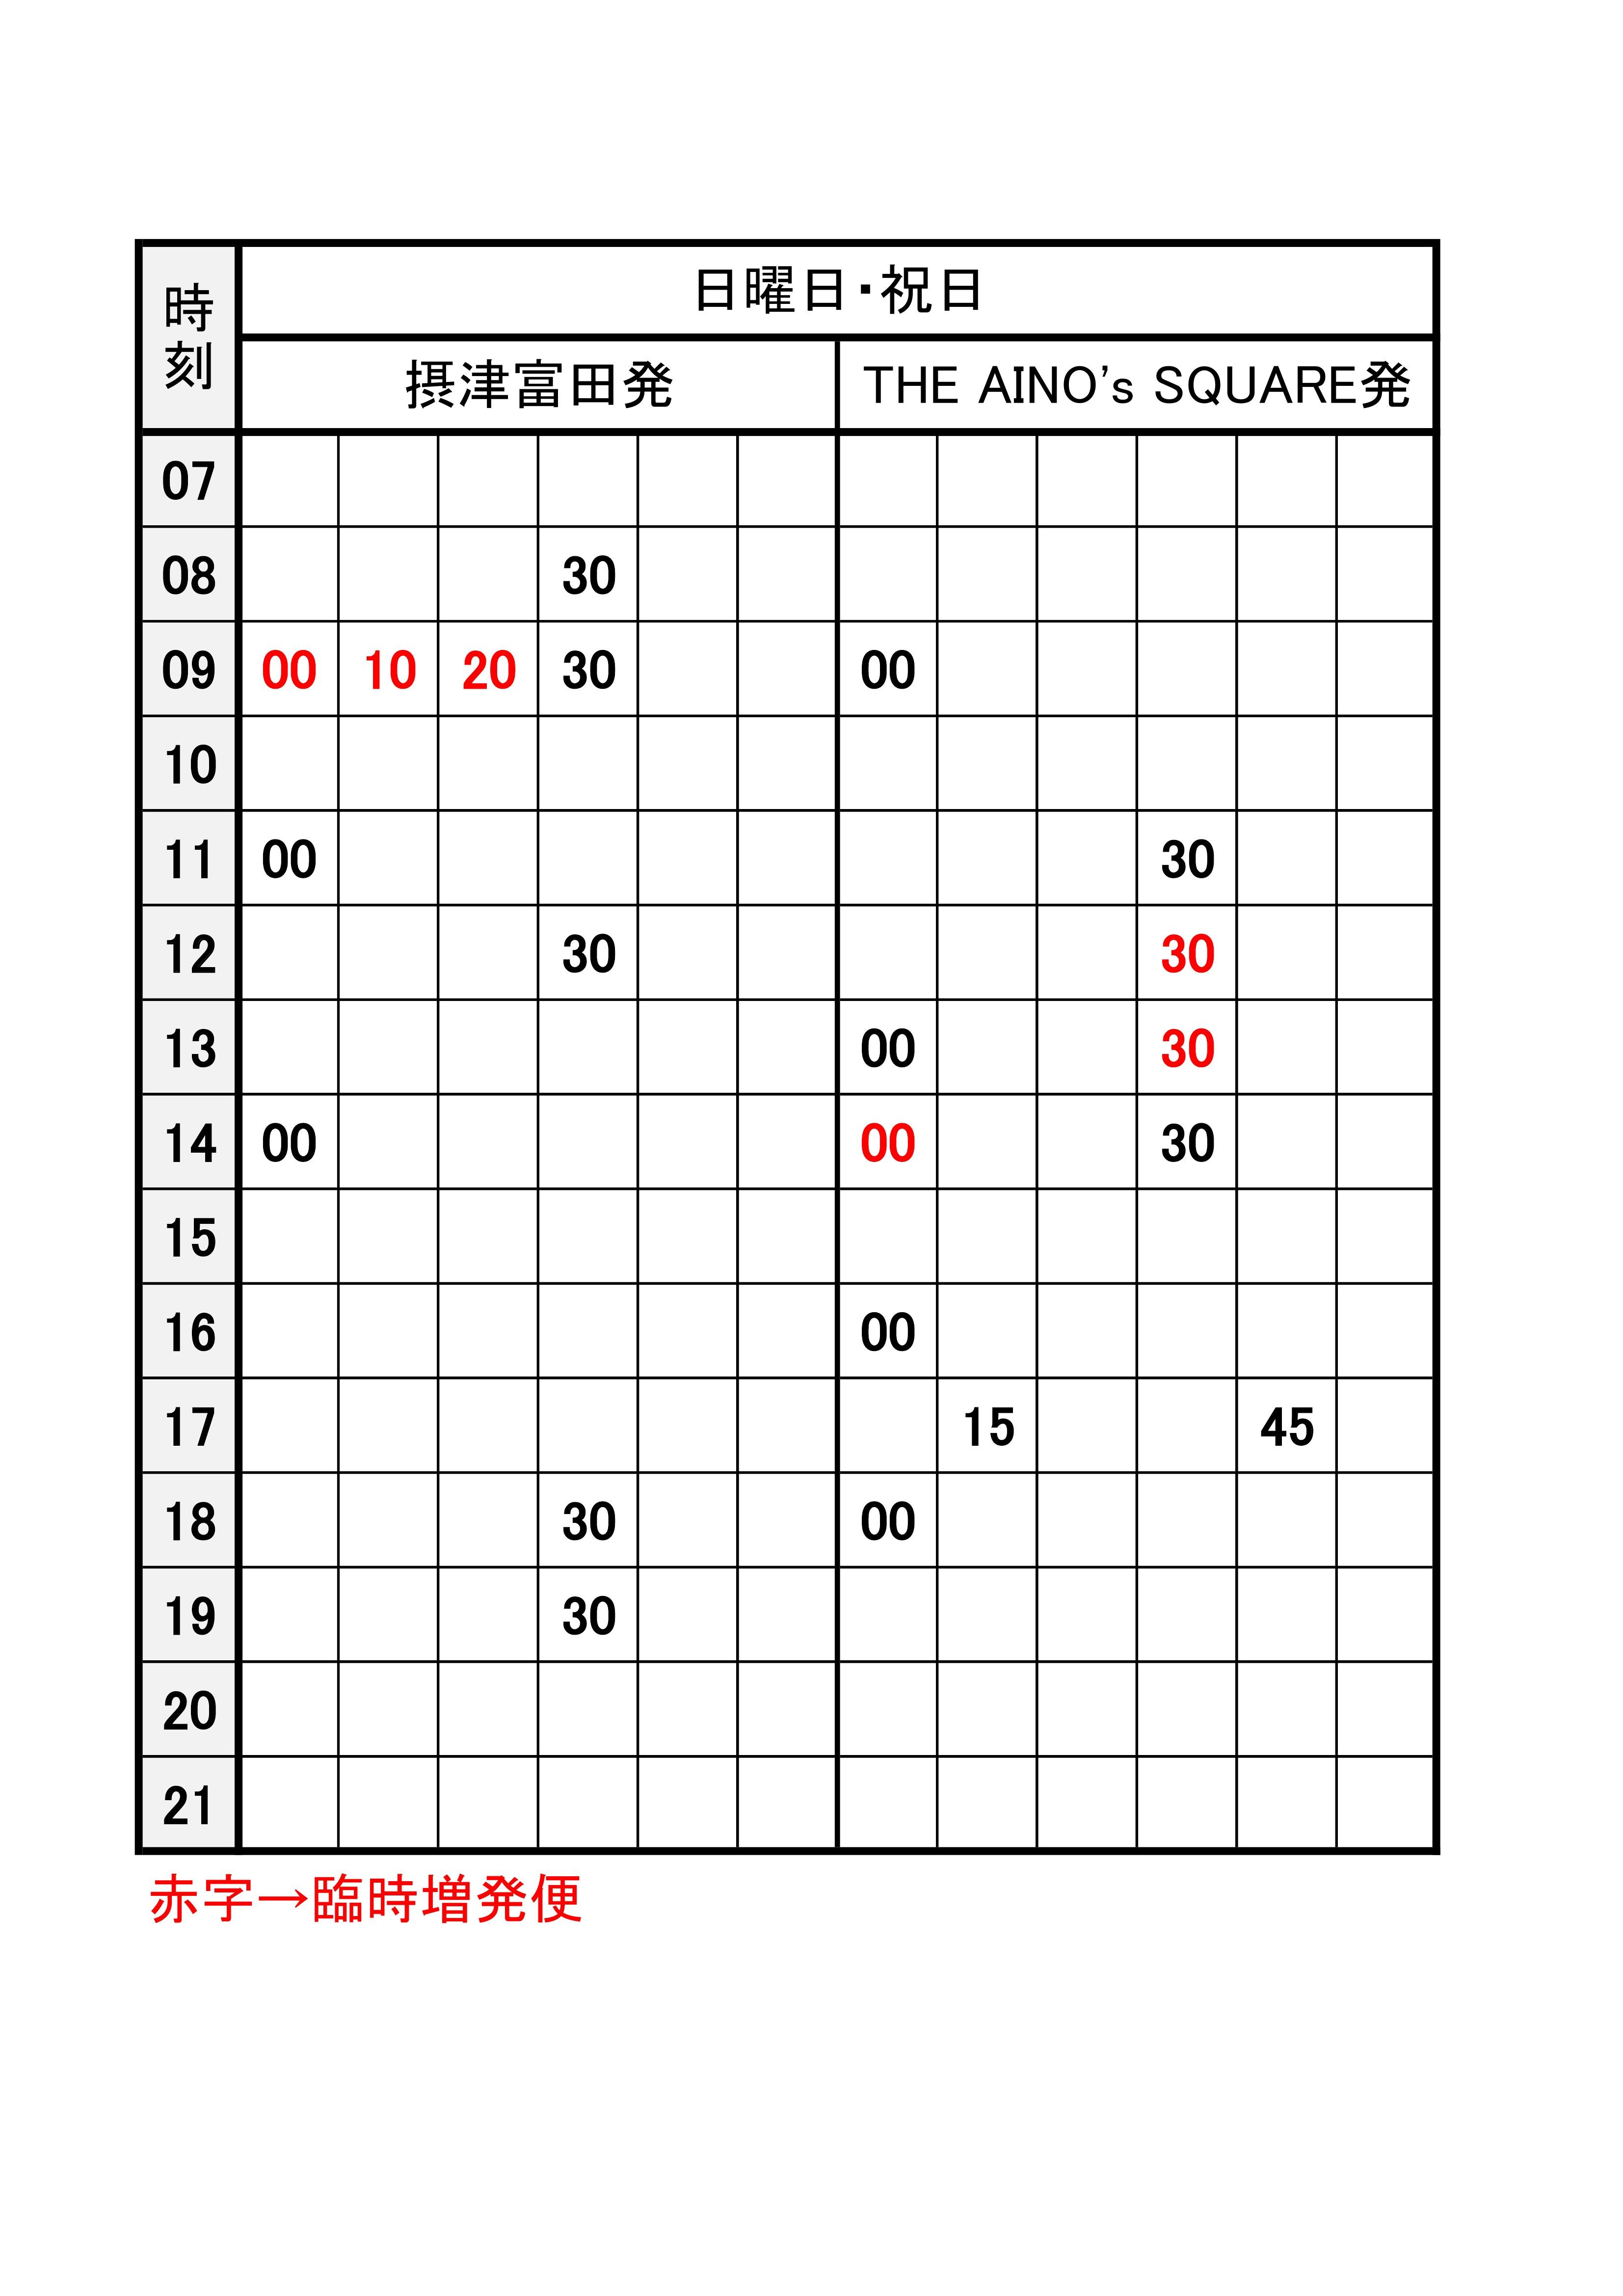 2016.12.11バス時刻表(日曜・祝日ダイヤ).jpg